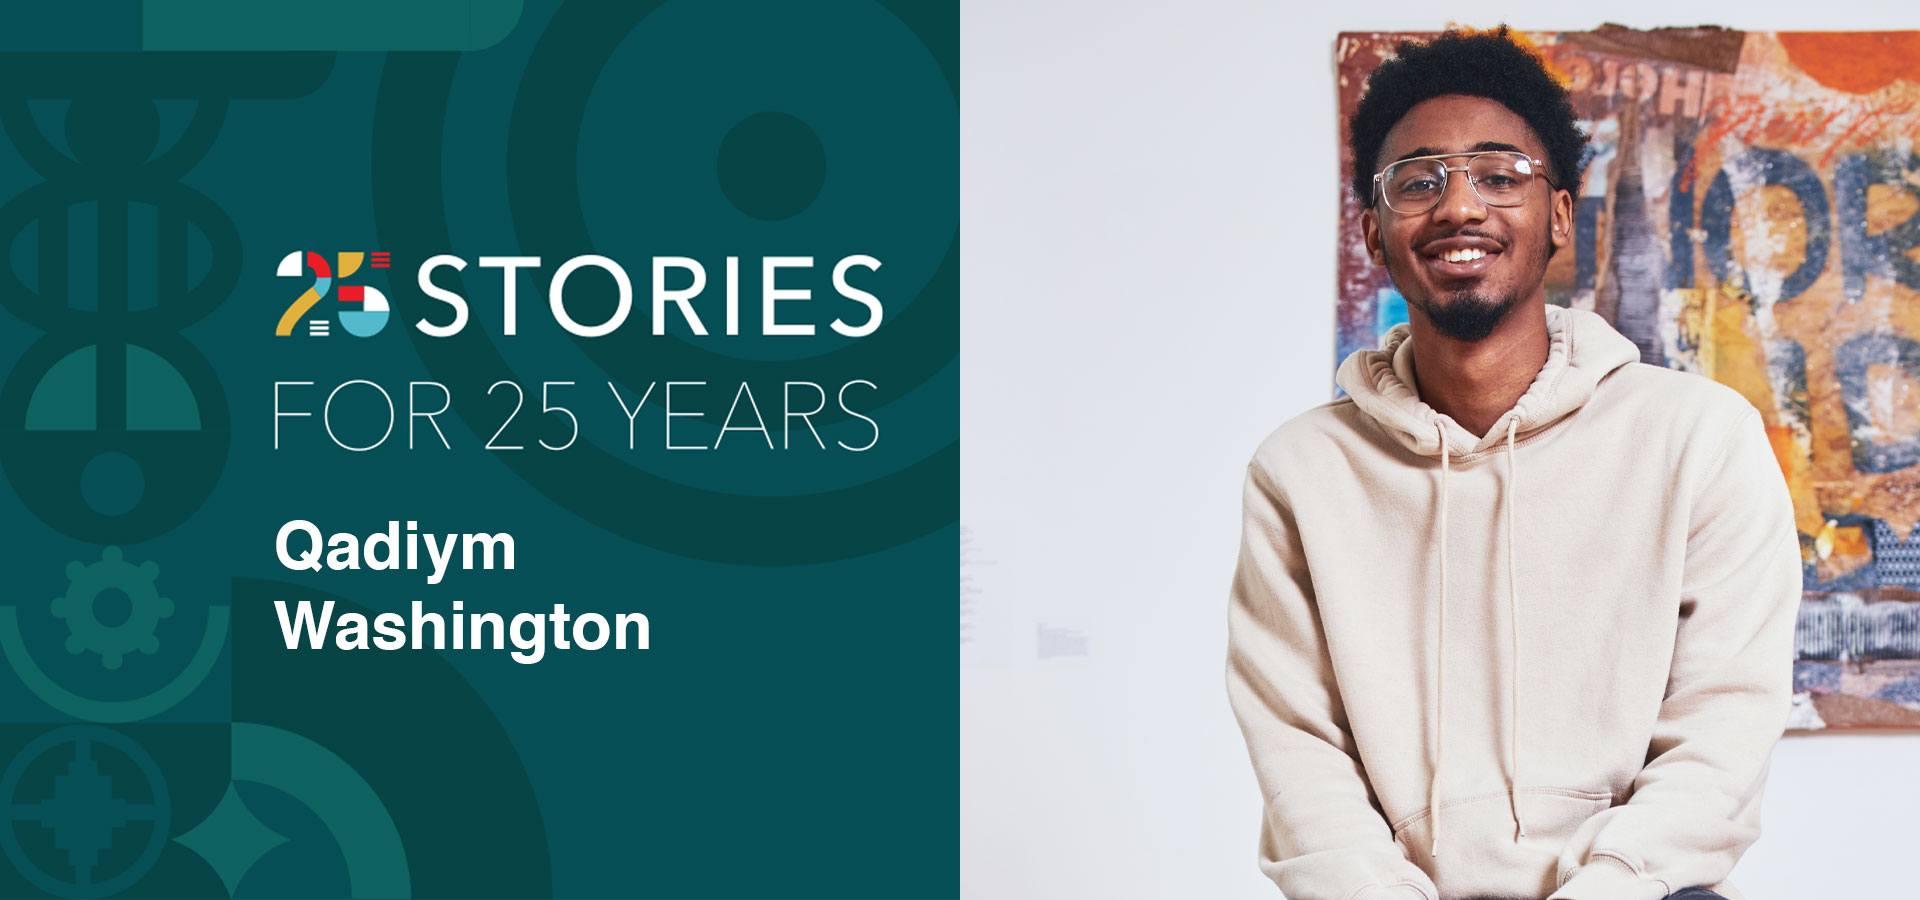 25 Stories: Qadiym Washington